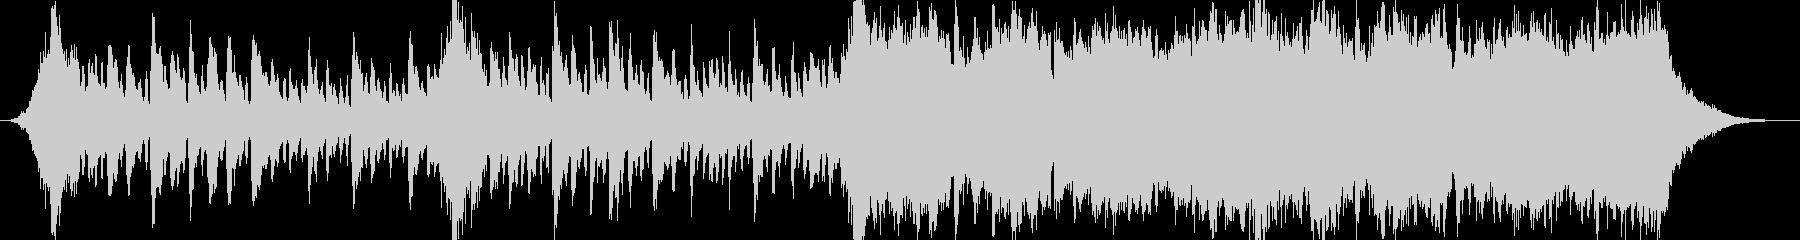 企業VPや映像40、壮大、オーケストラbの未再生の波形